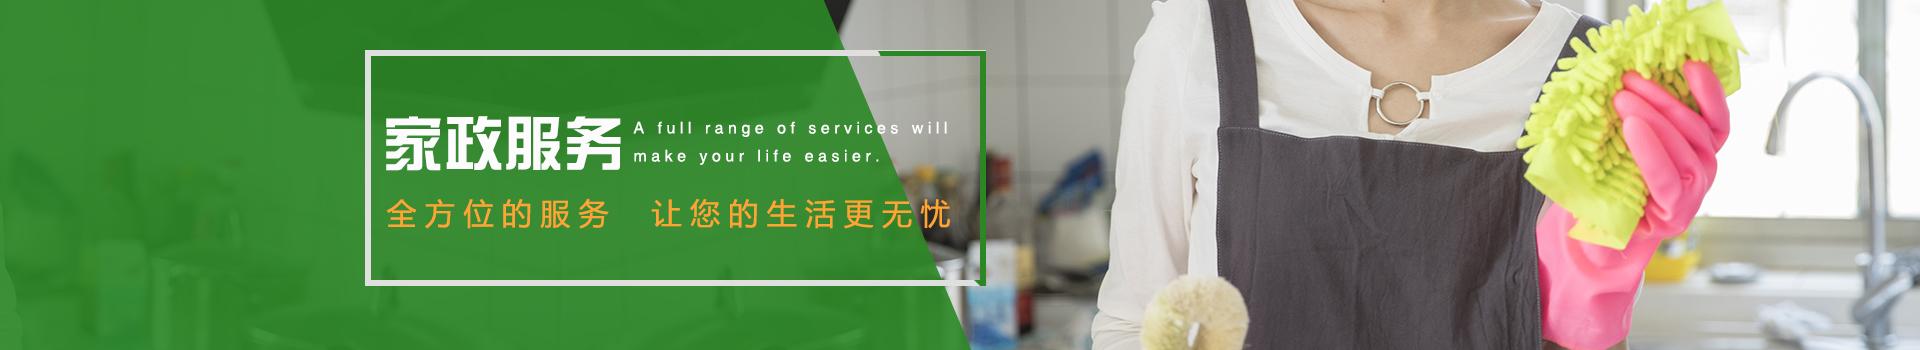 常熟市绿杨物业管理有限公司